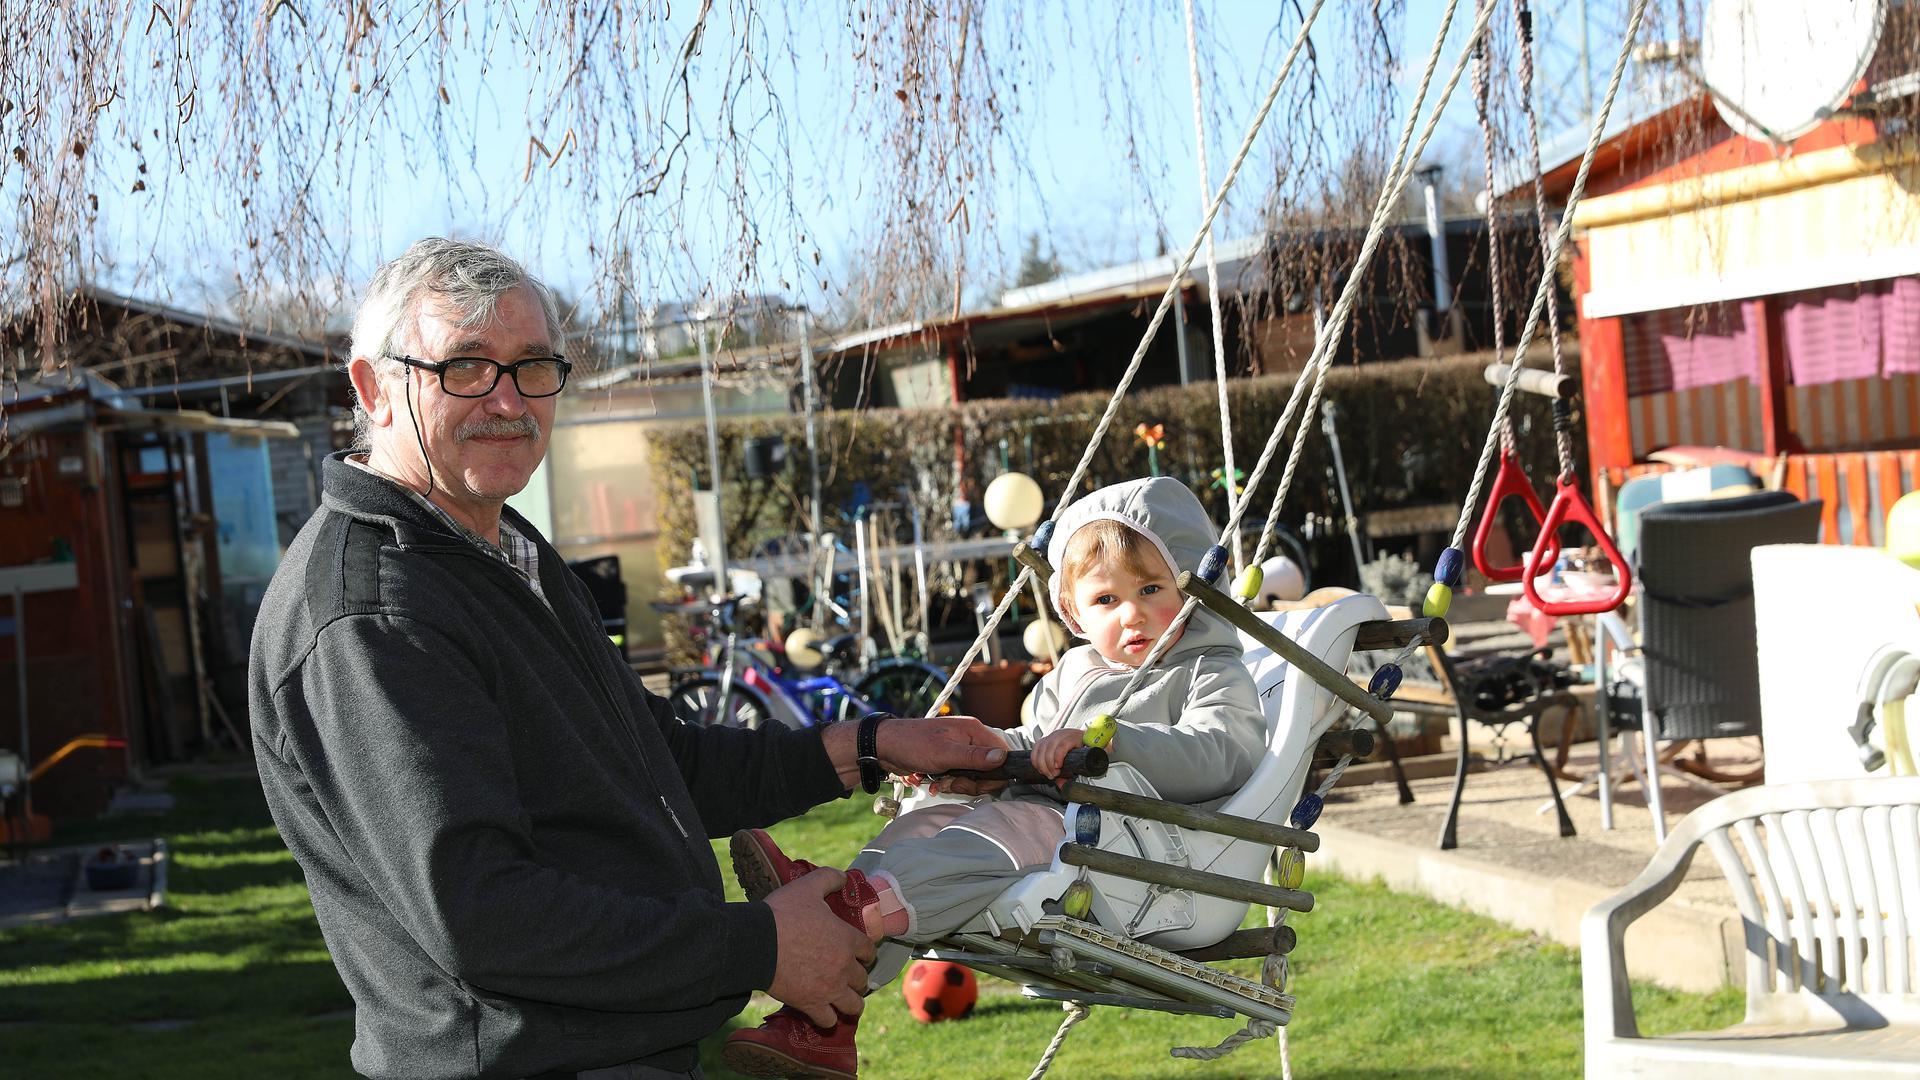 Sergej Stoll schubst seine Enkelin Viktoria in der Schaukel an.